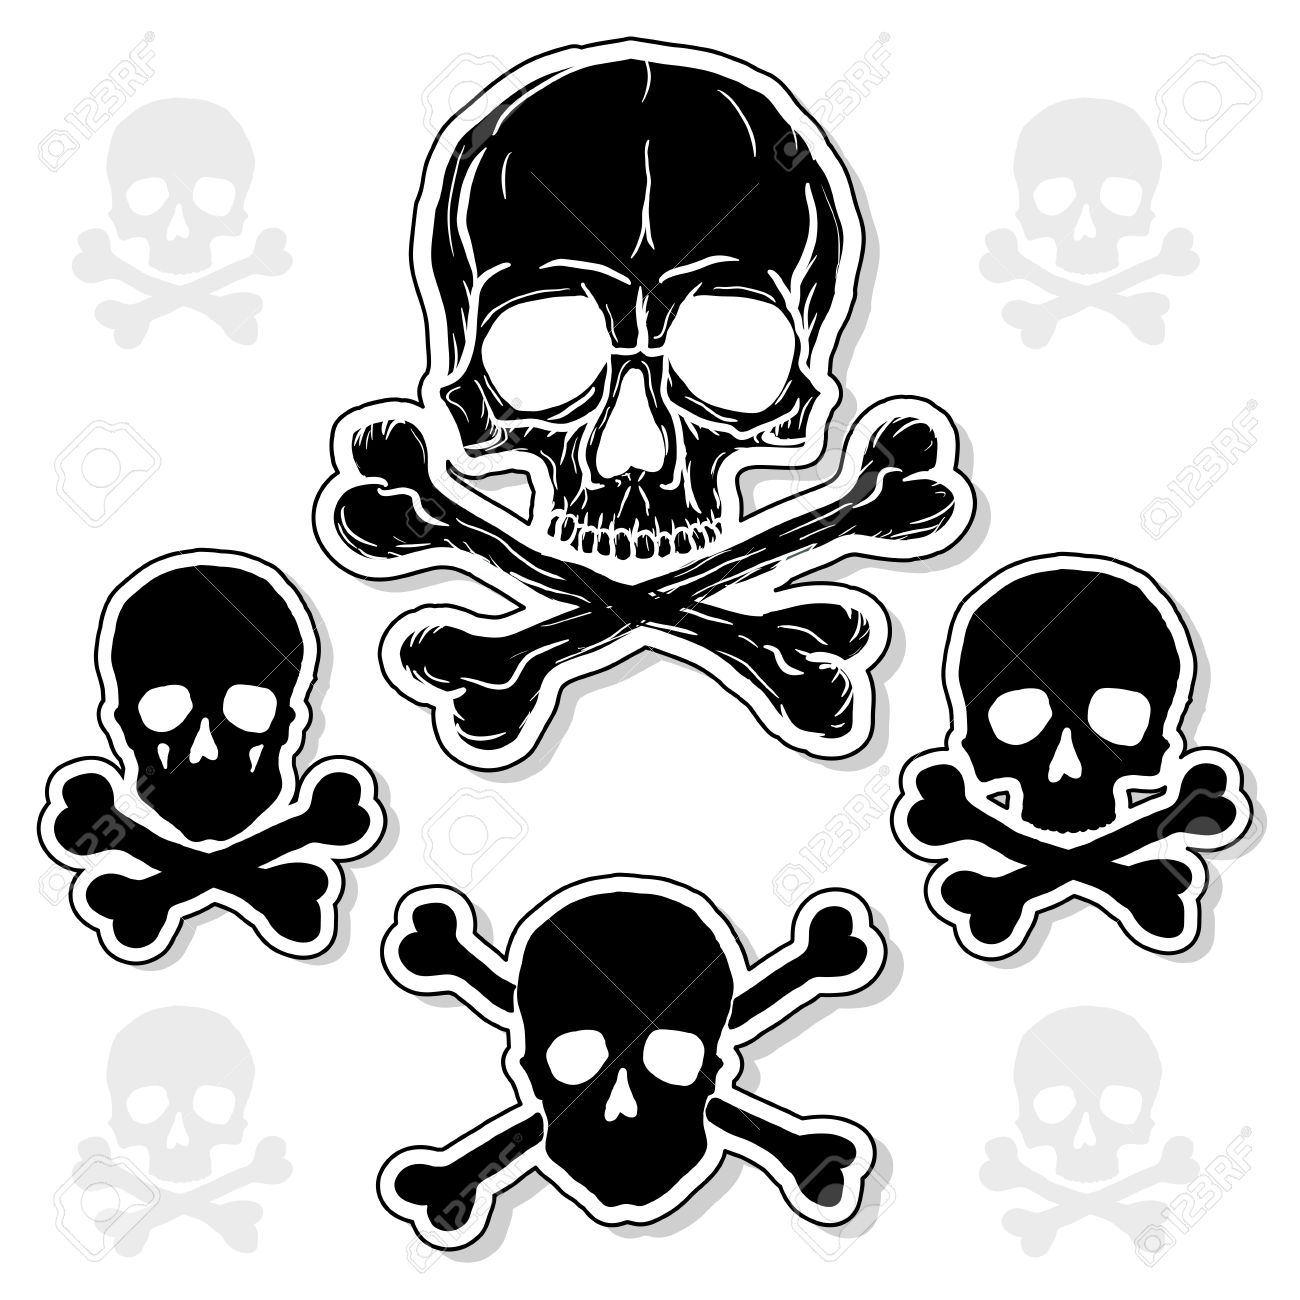 8,371 Skull Crossbones Stock Vector Illustration And Royalty Free ...